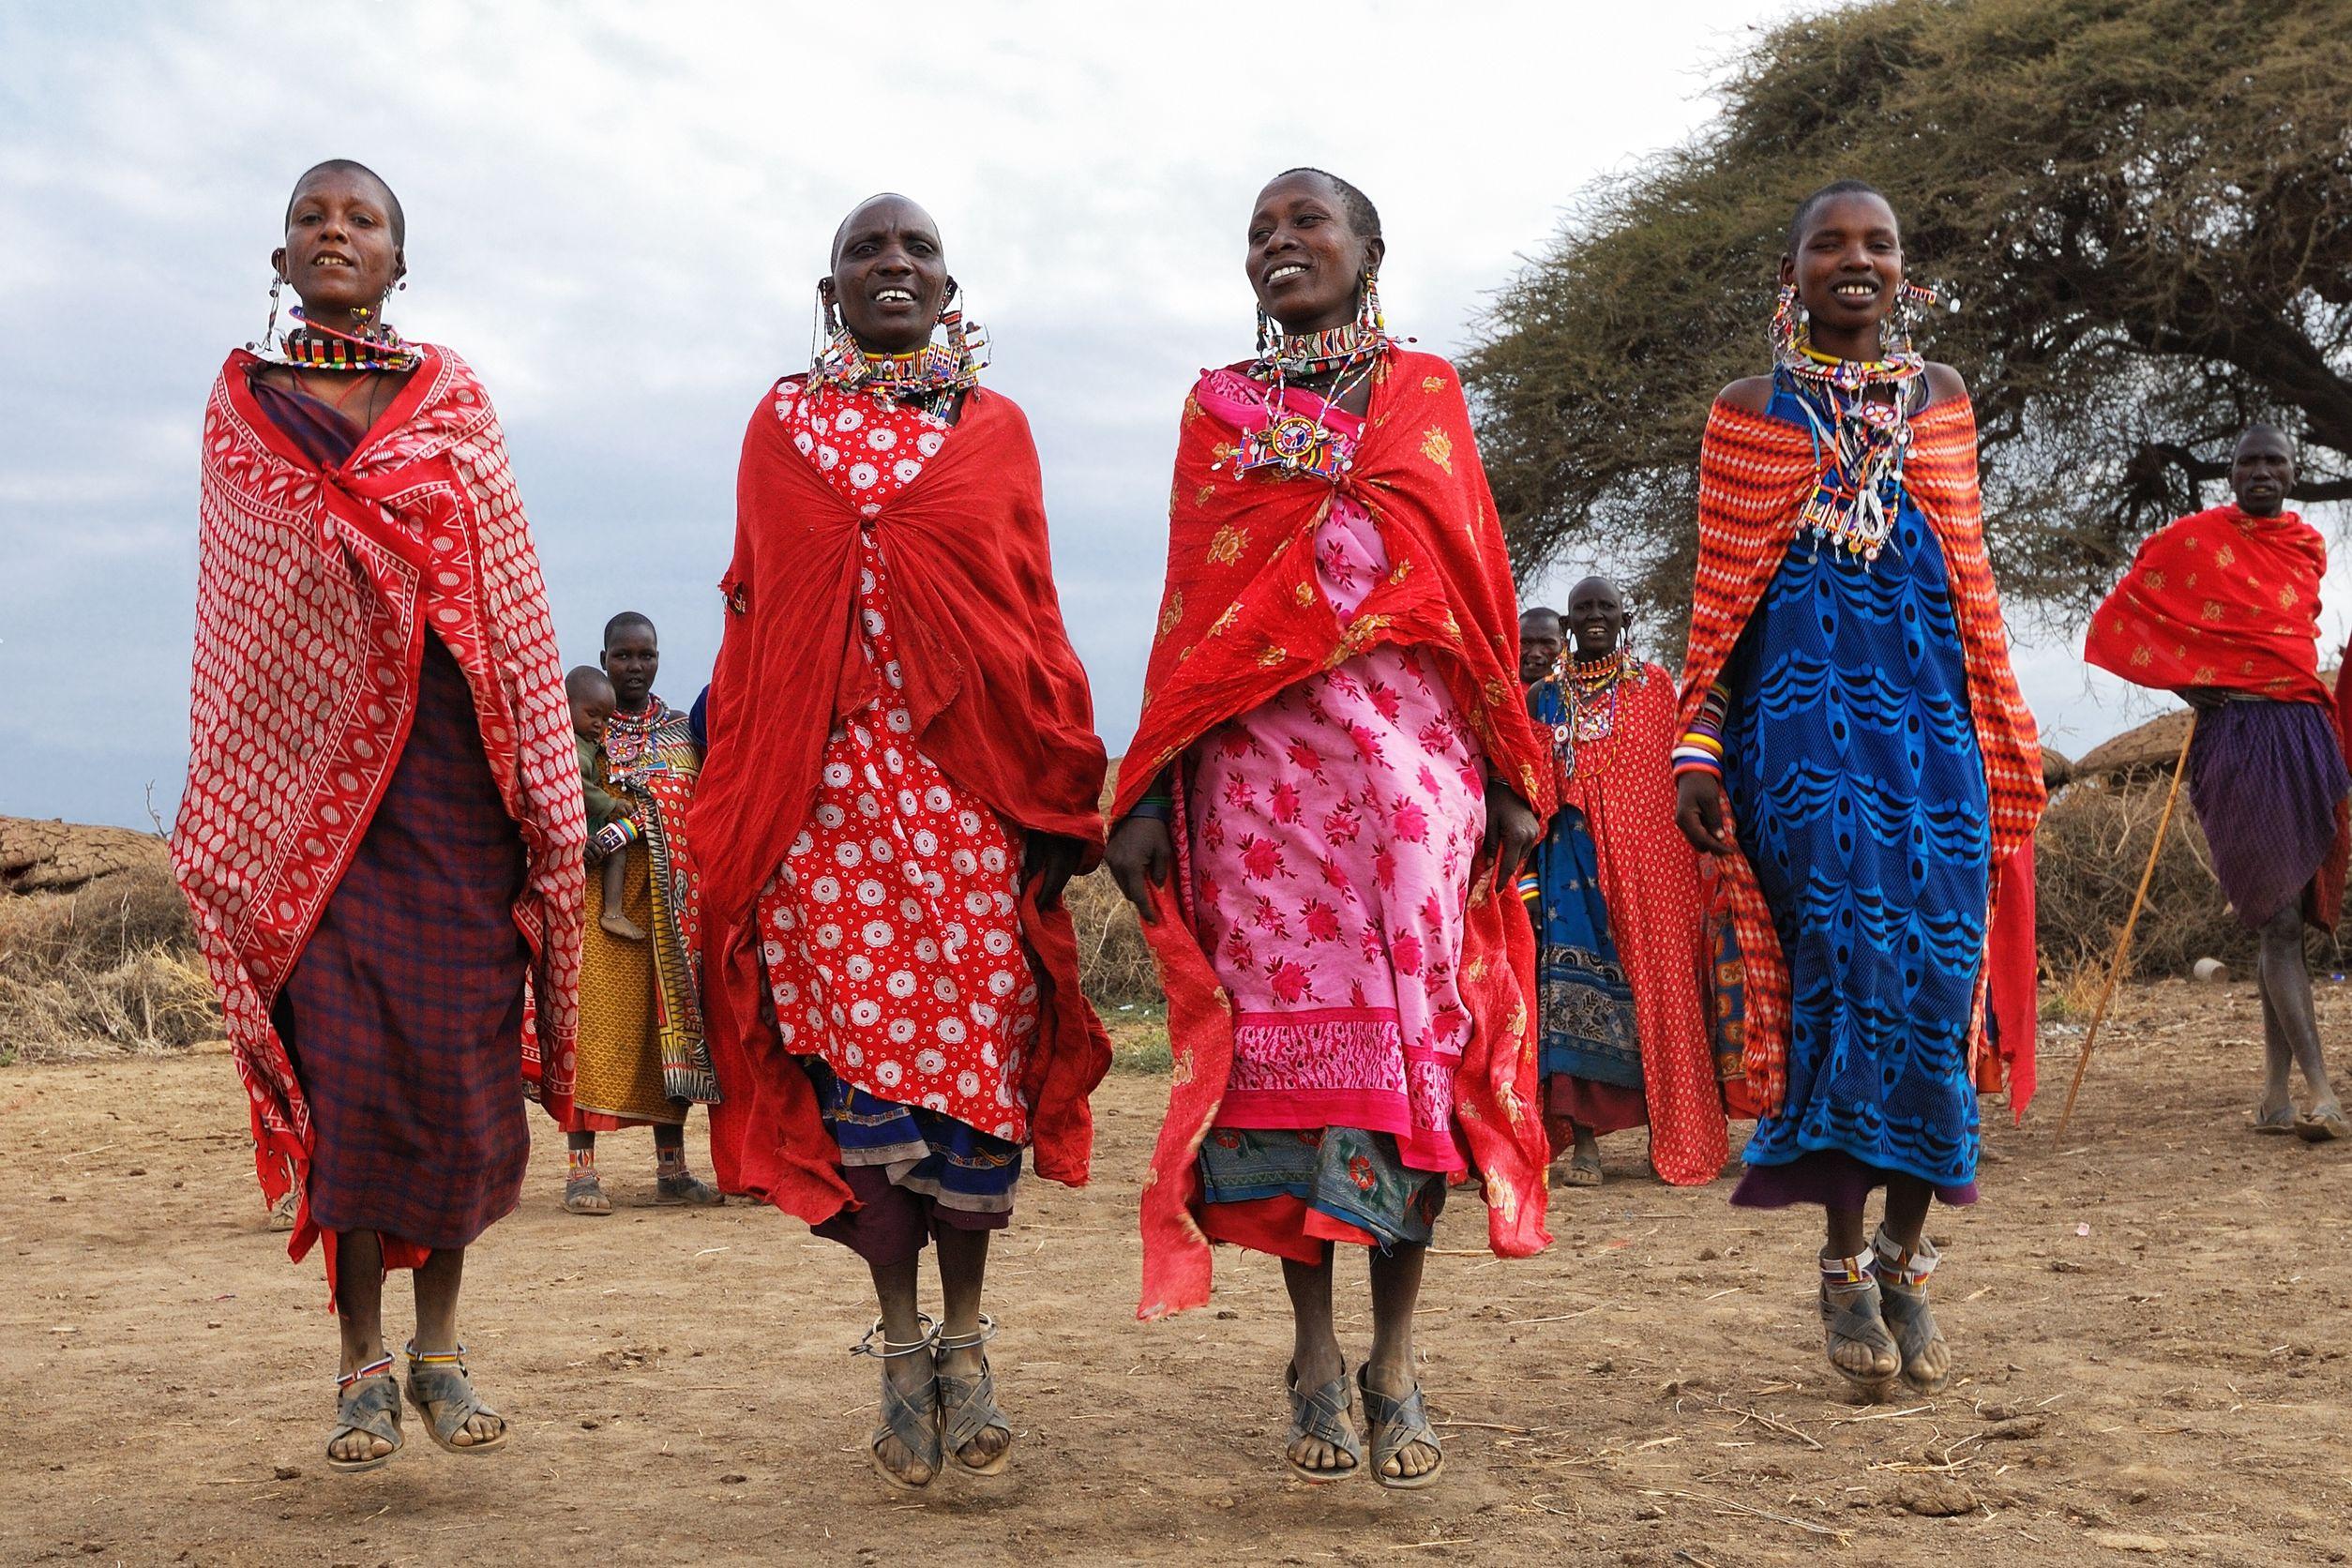 Massai women dancers